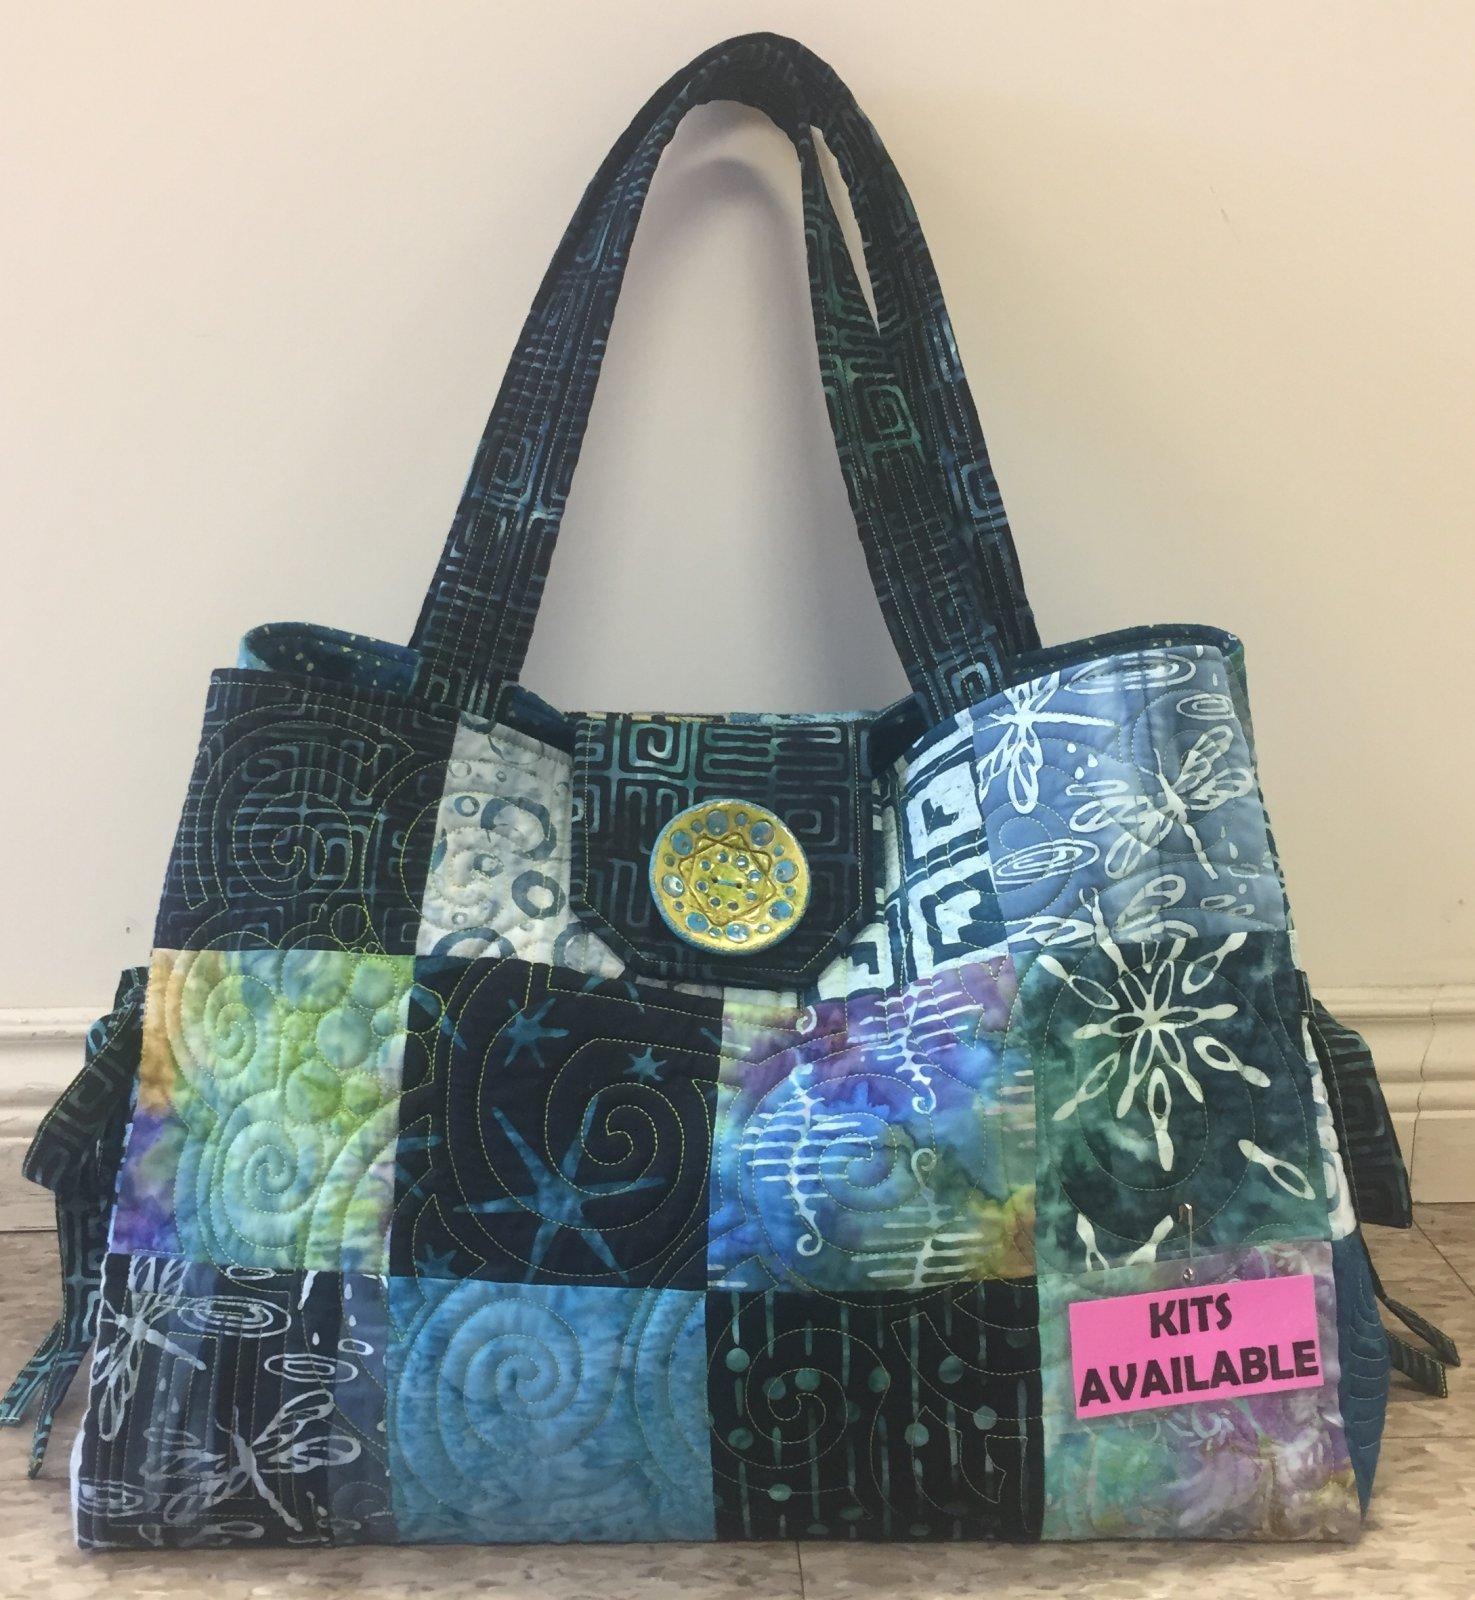 Yukon Charming Bag Kit